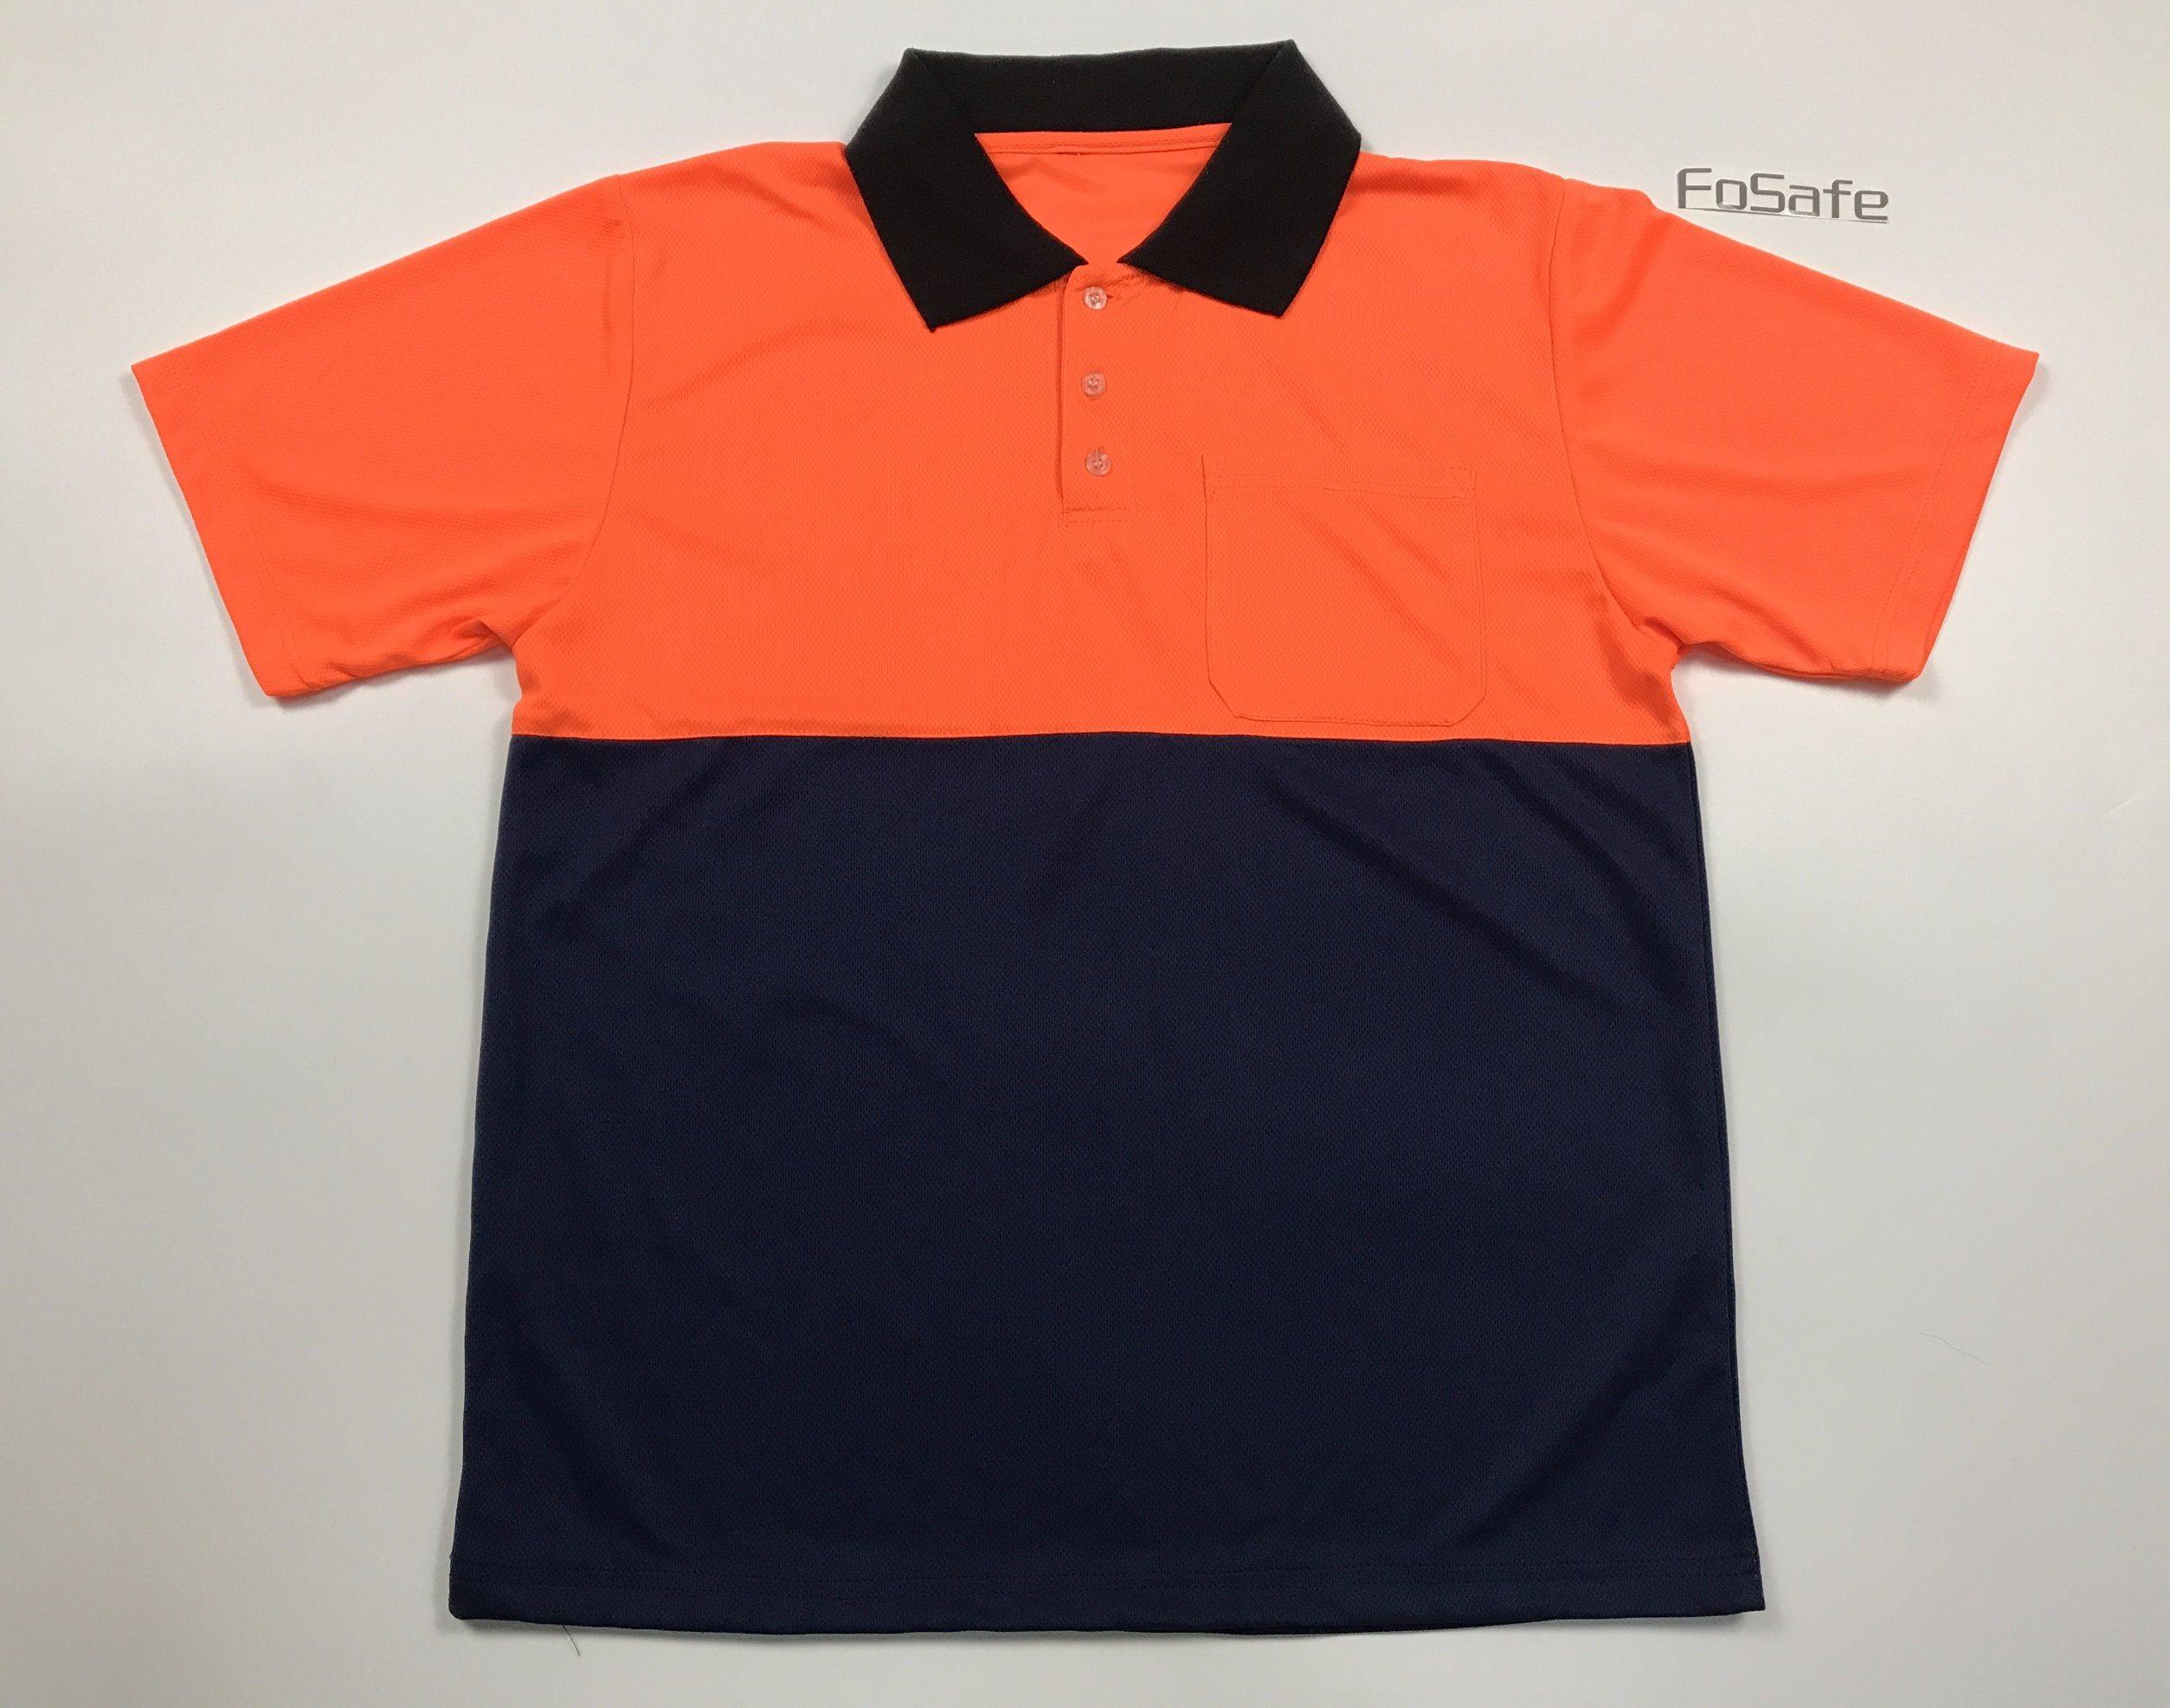 China Short Sleeve Safety Polo Shirt China Bird Eye Fabric Uniform